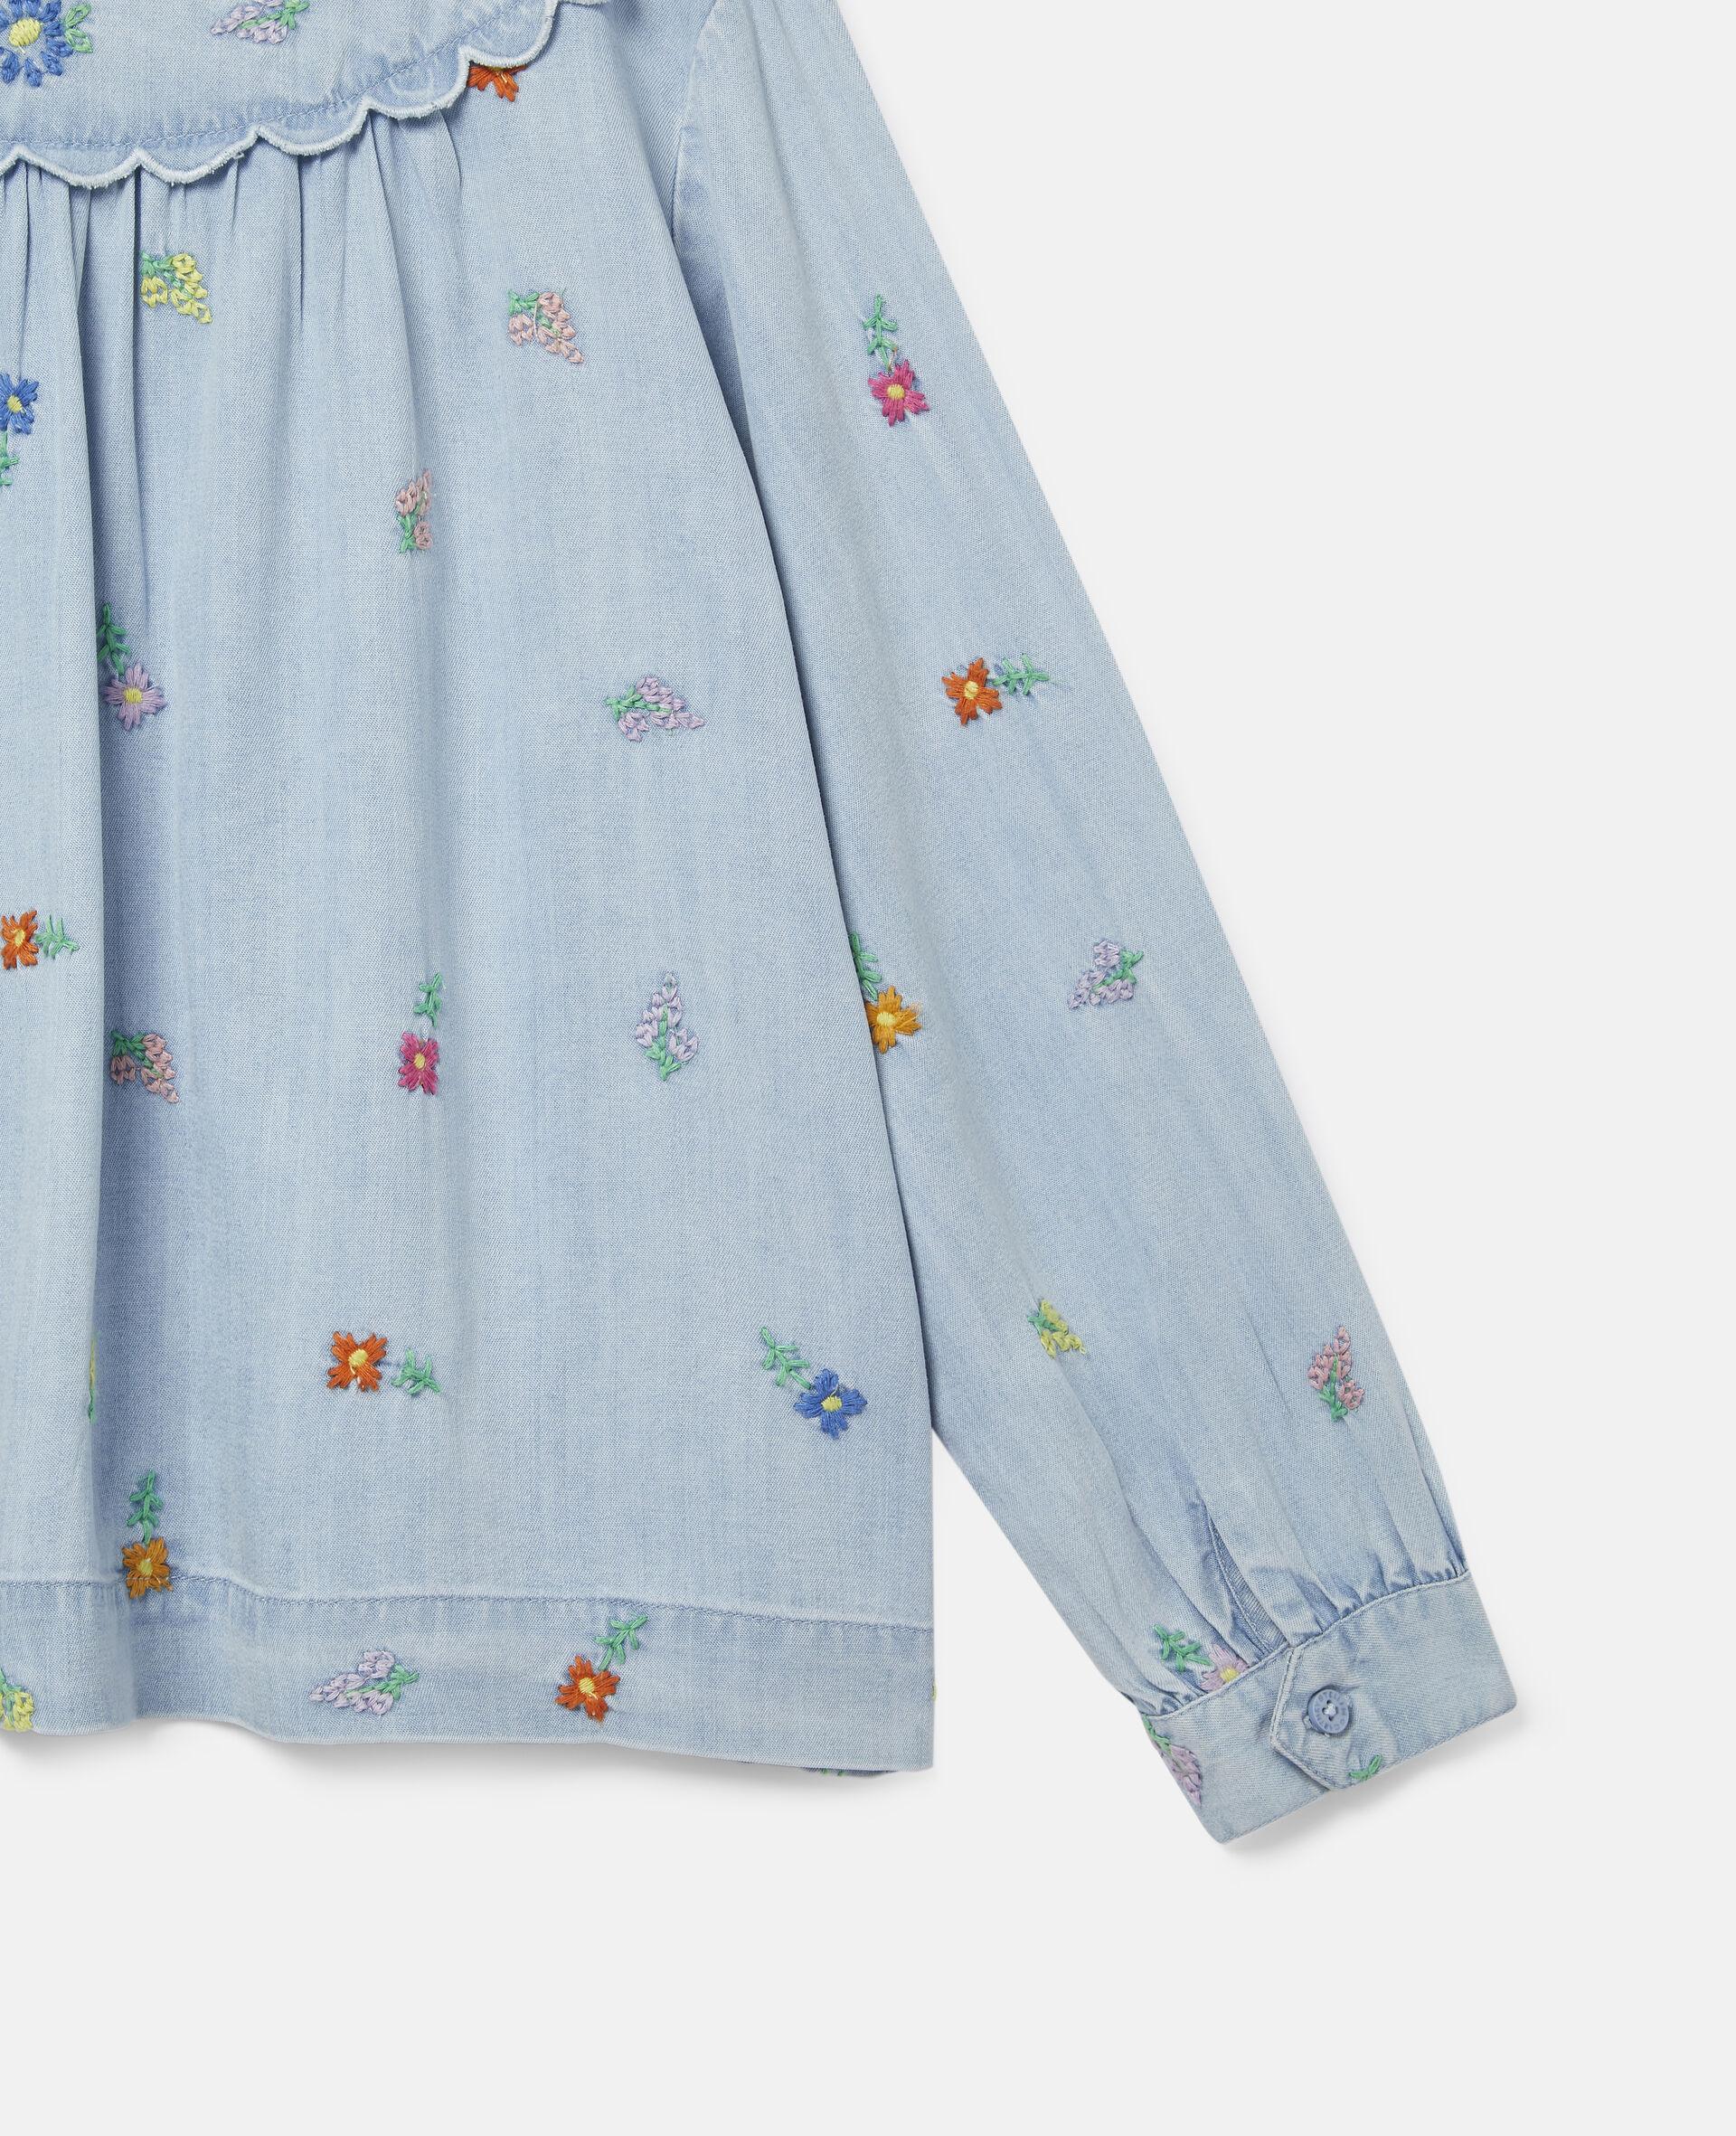 Denim-Hemd mit Blumenstickerei-Blau-large image number 1